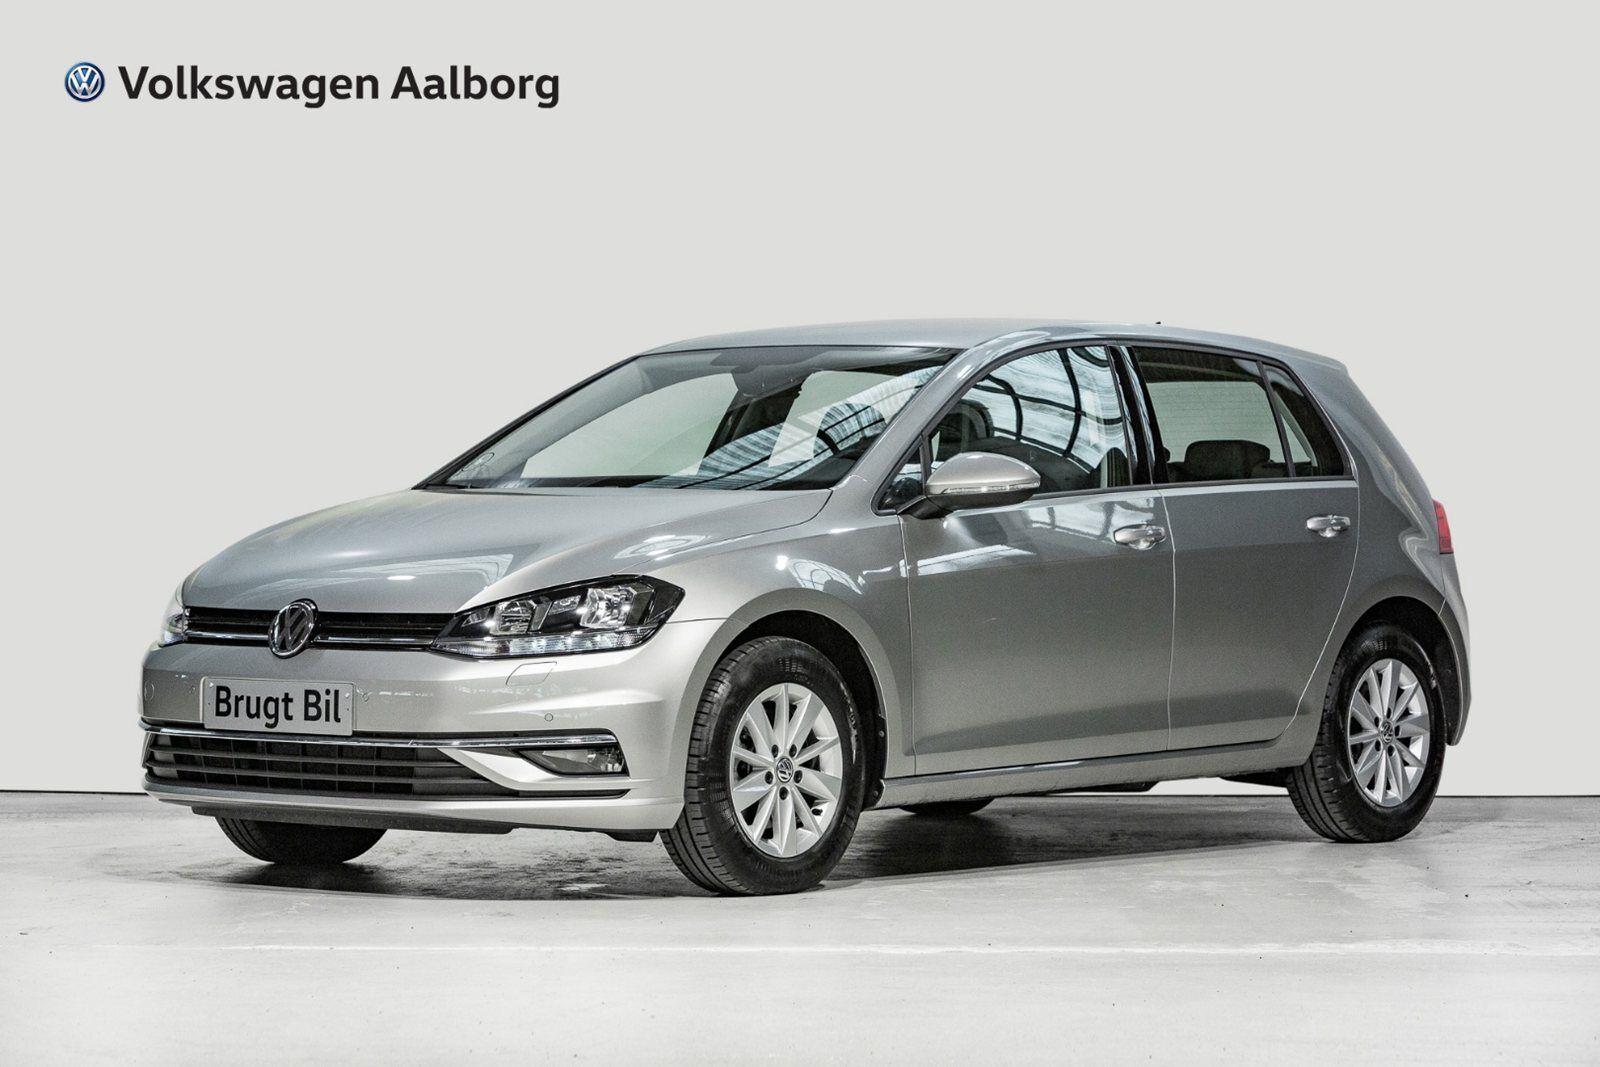 VW Golf VII 1,4 TSi 125 Comfortline DSG 5d - 240.000 kr.